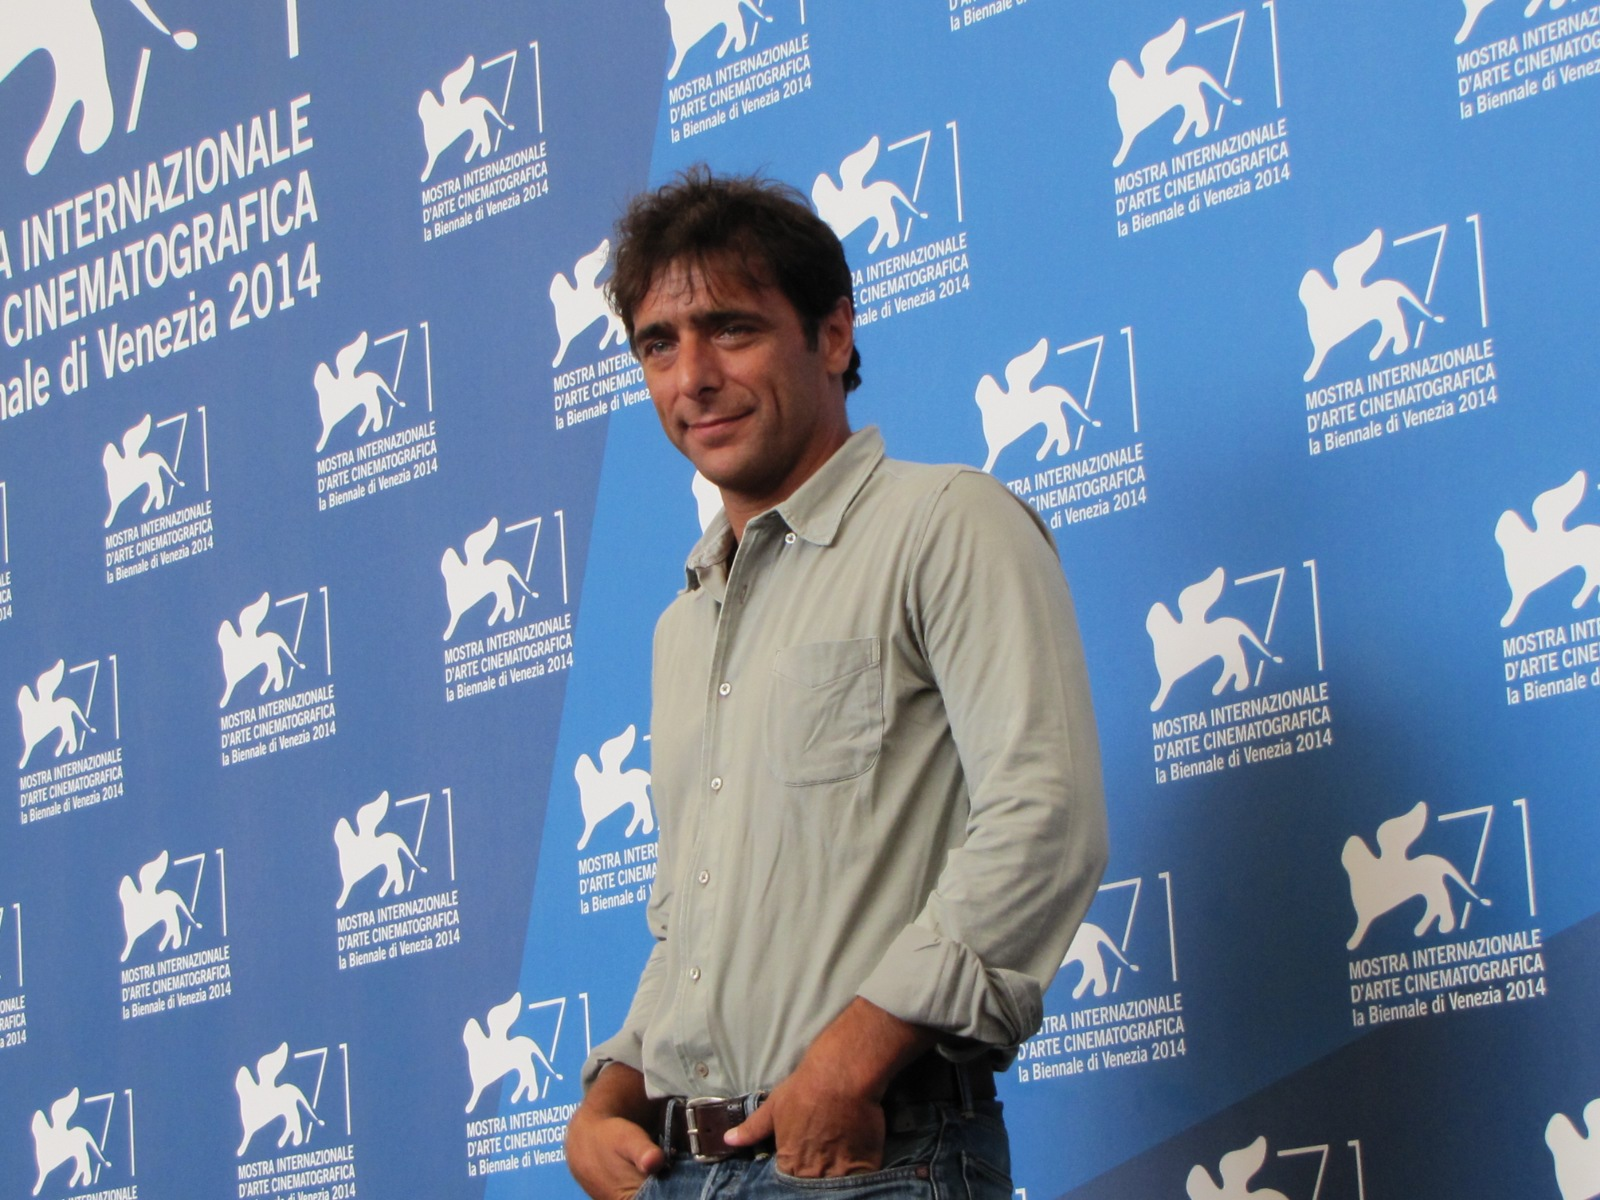 Senza nessuna pietà a Venezia 2014 - Adriano Giannini presenta il film